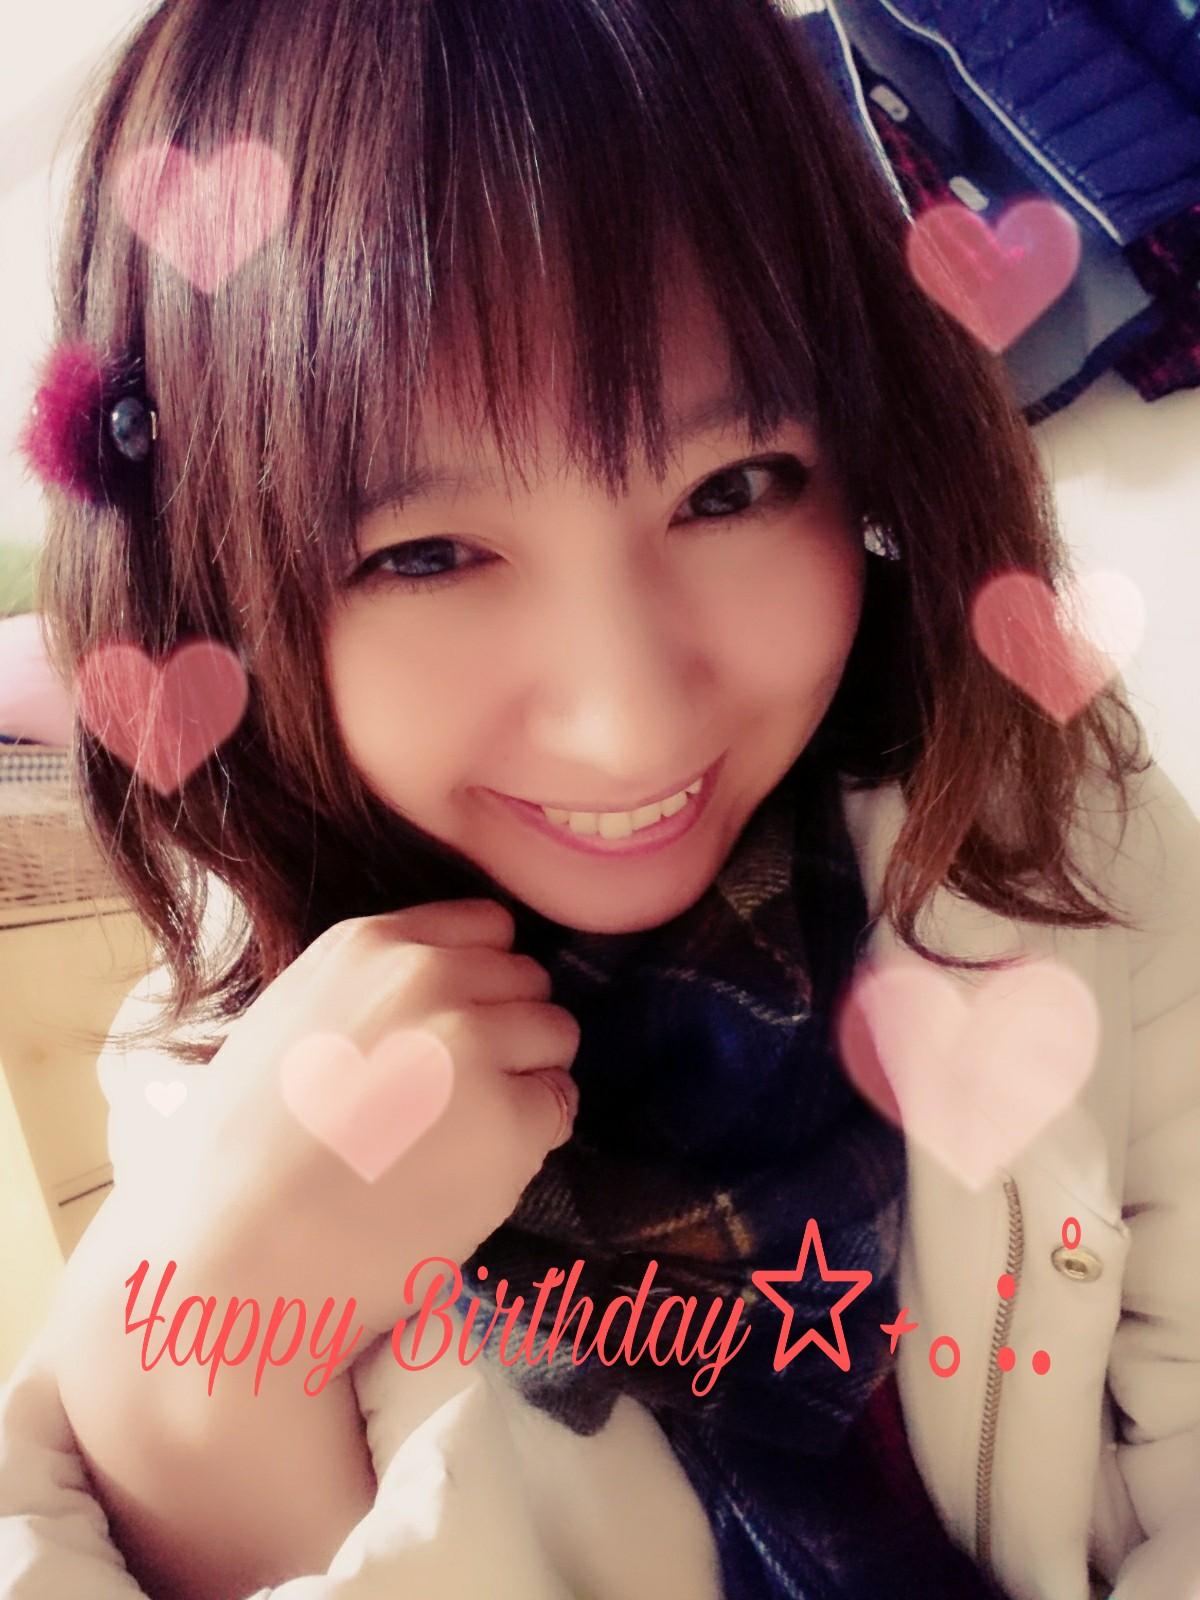 【祝】1/8(月・祝)優羽♪ちゃんお誕生日パーチャ!